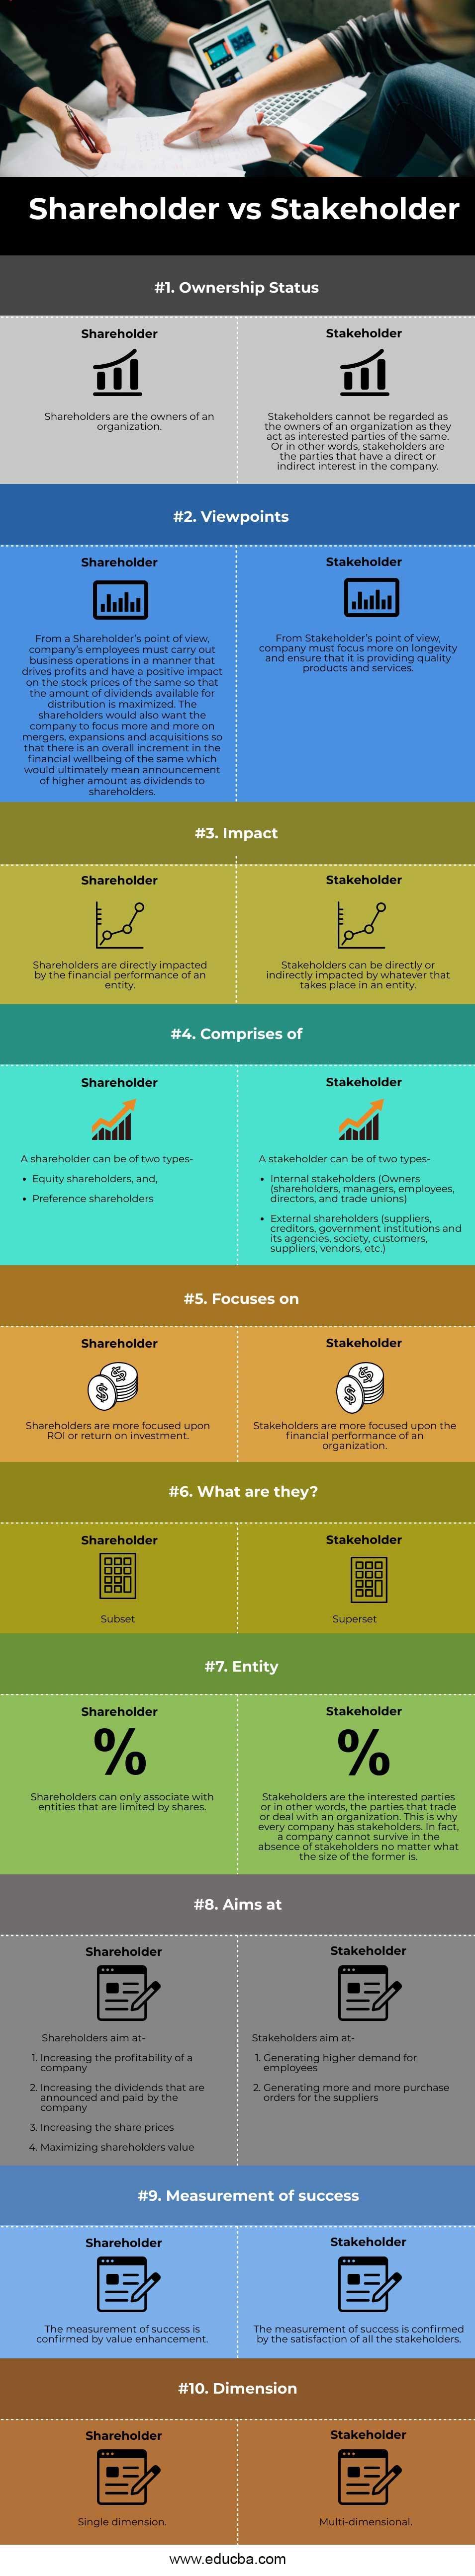 Shareholder-vs-Stakeholder-info